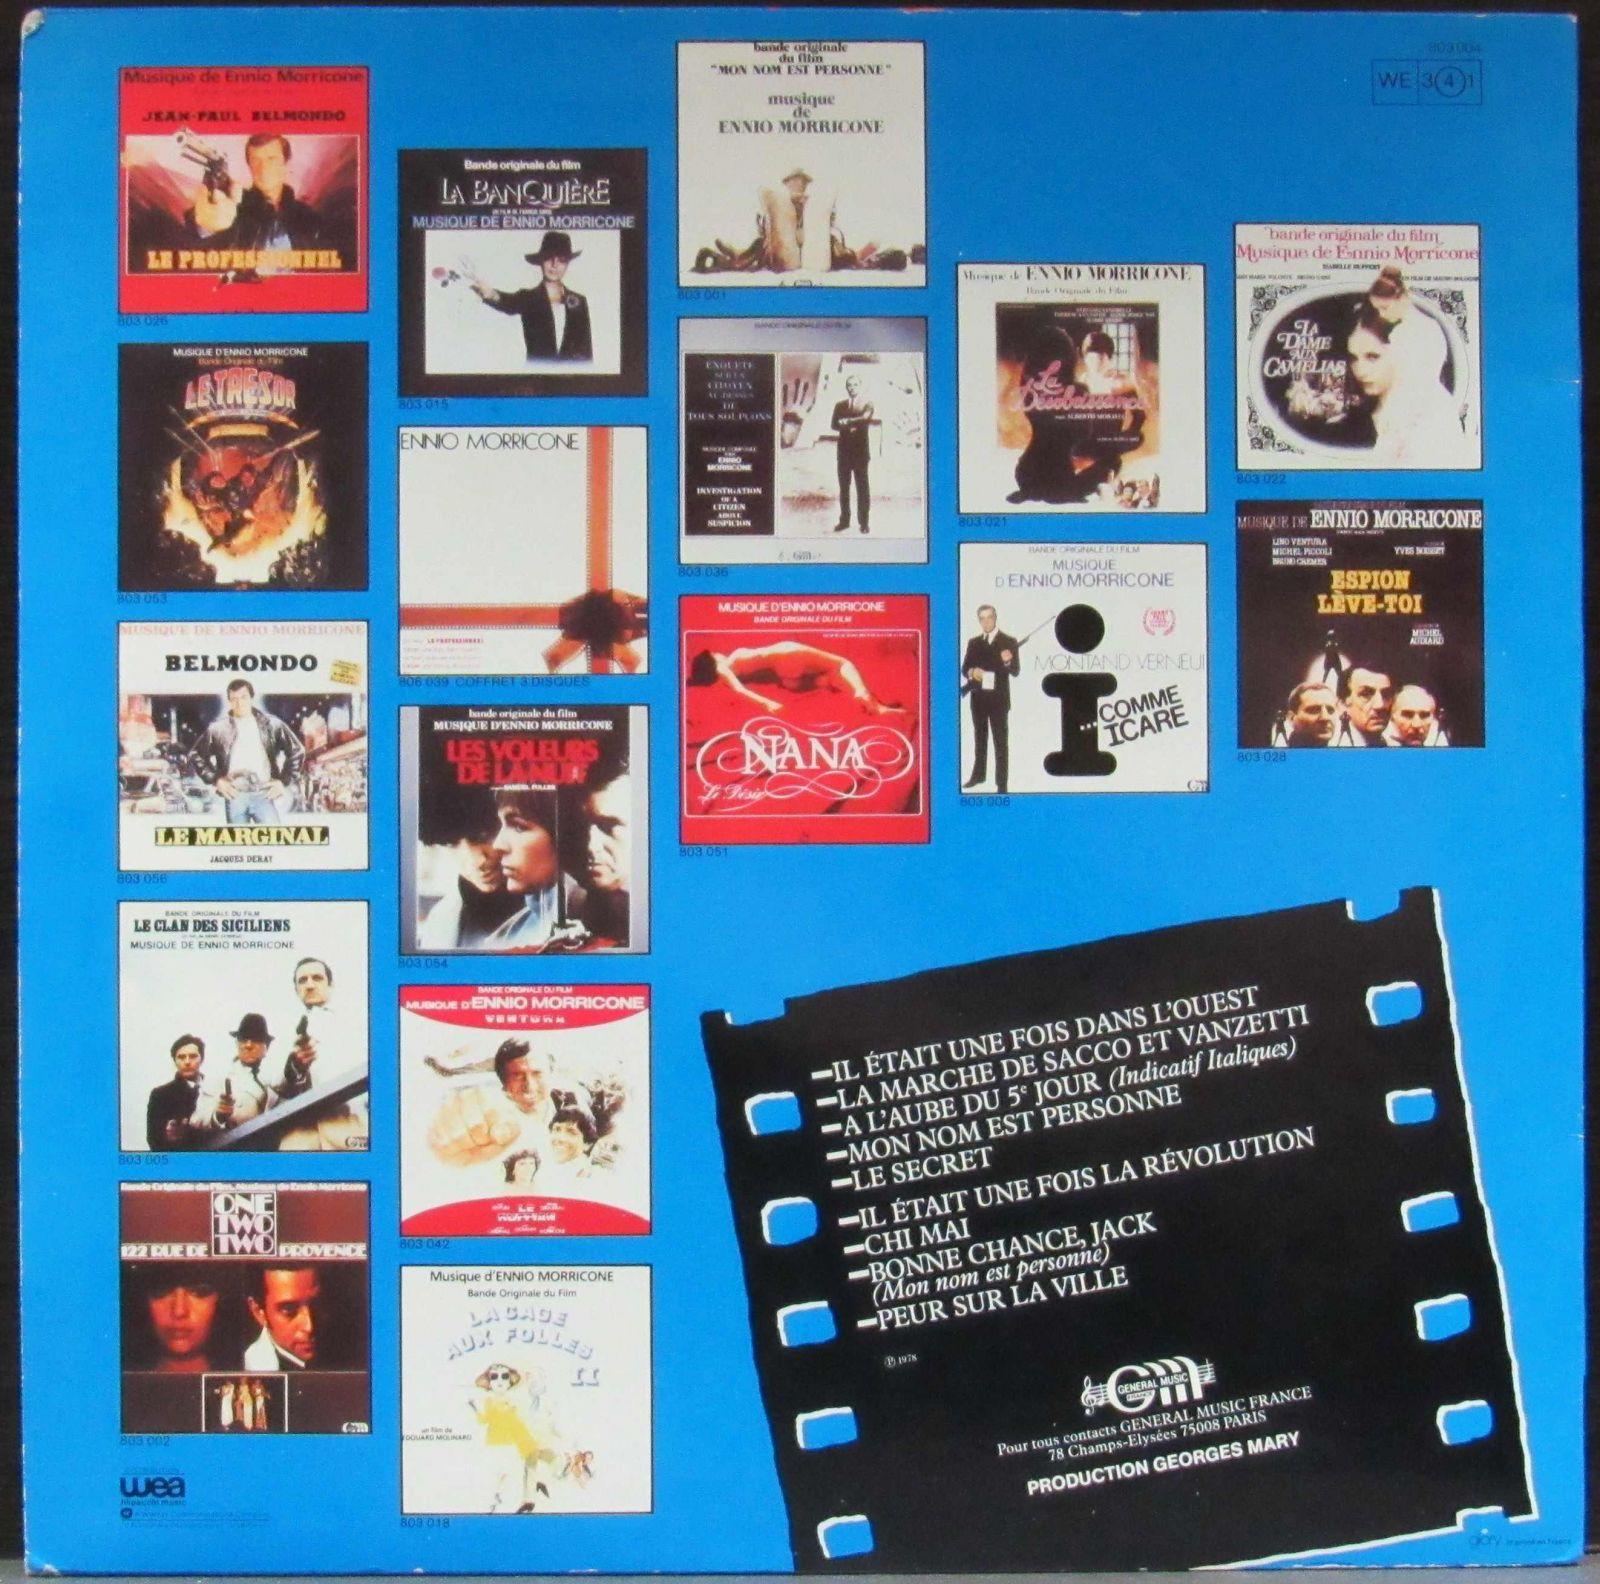 купить Lp Les Plus Belles Musiques Dennio Morricone Vol1